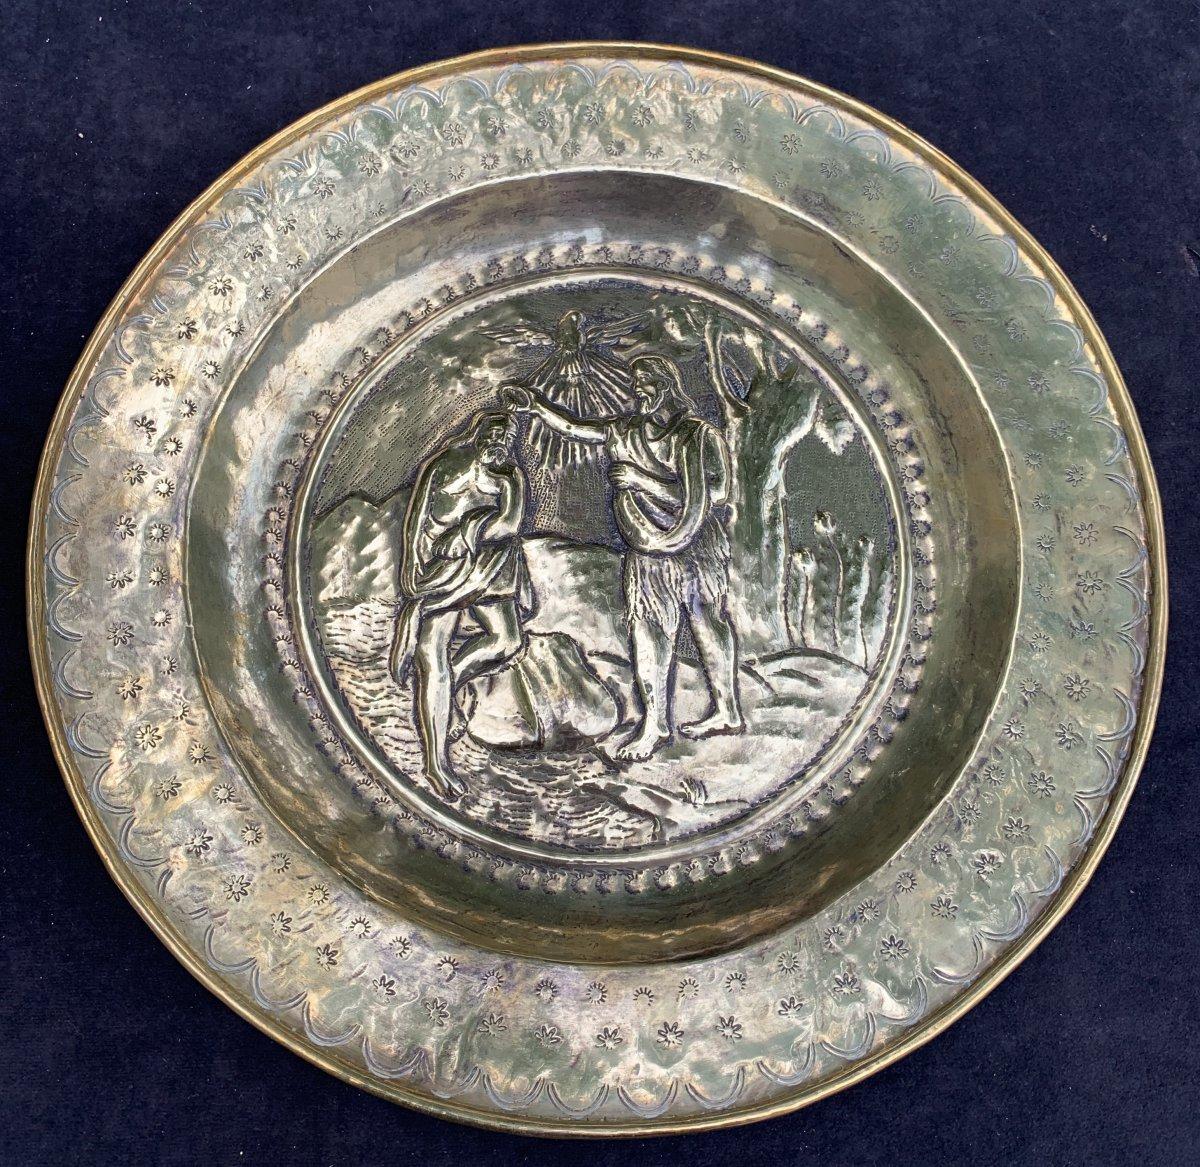 Pendant 2 plats quête laiton XVIIe Le baptême du Christ & lapidation St Etienne-photo-2